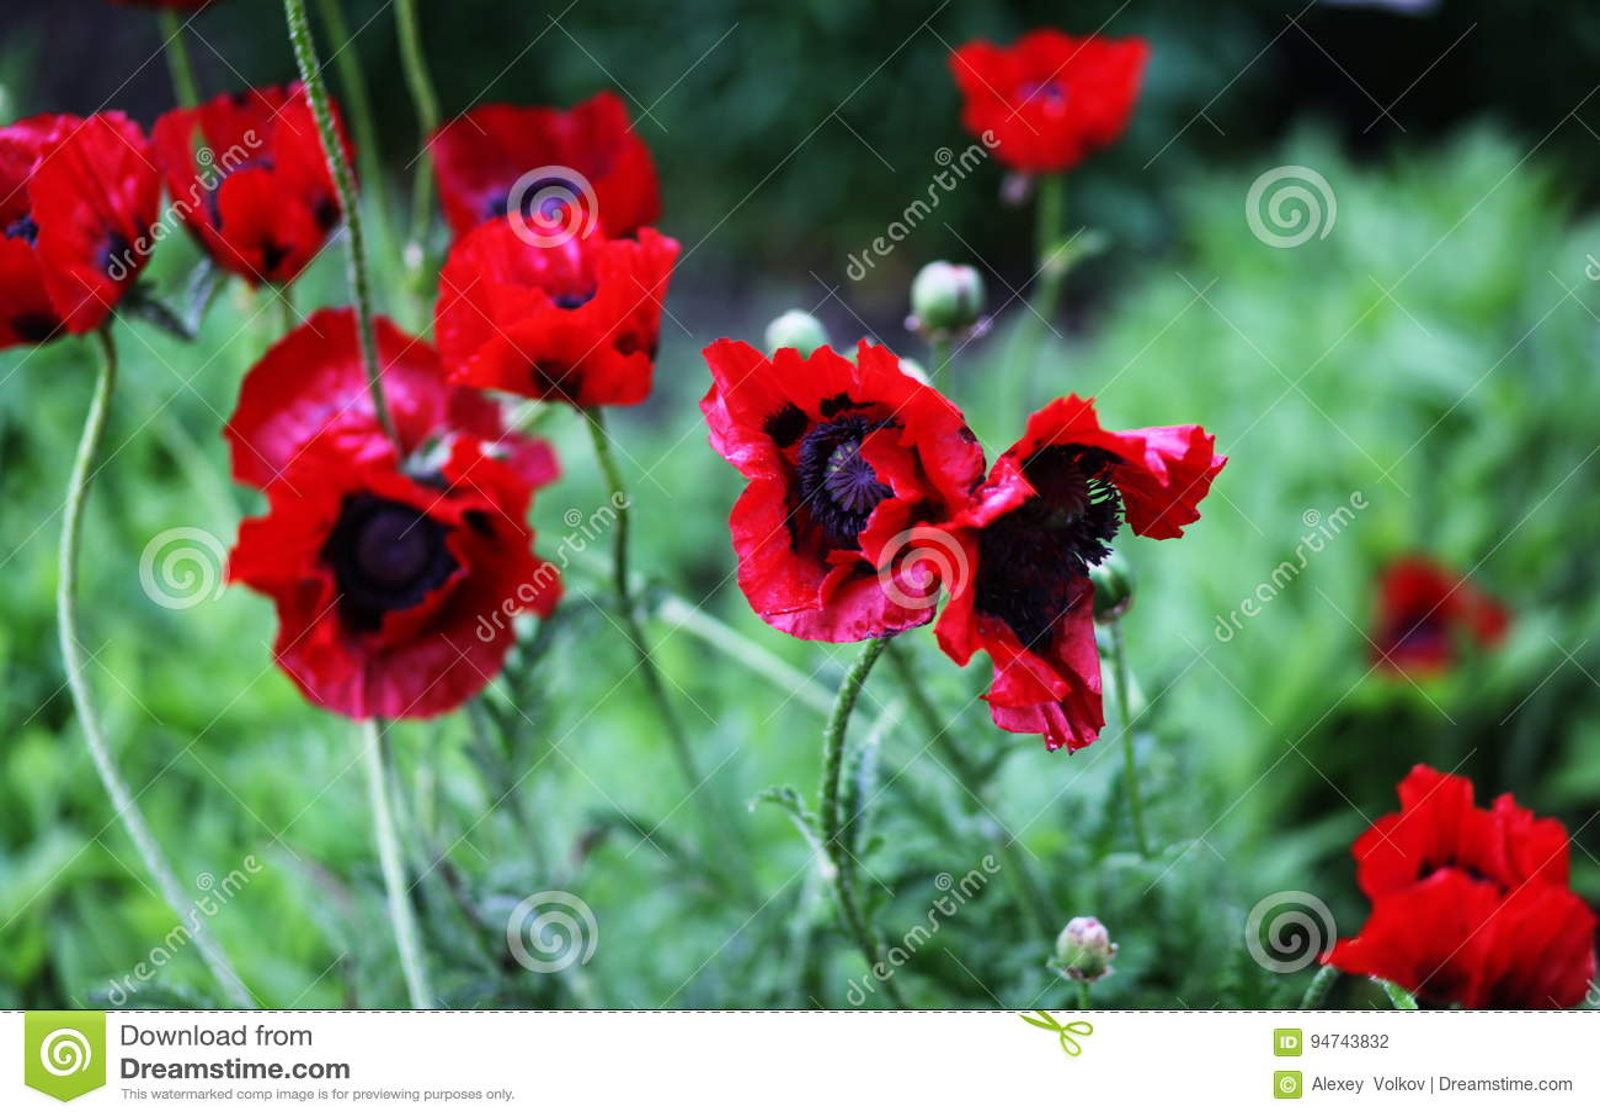 Delightful flowers of poppy